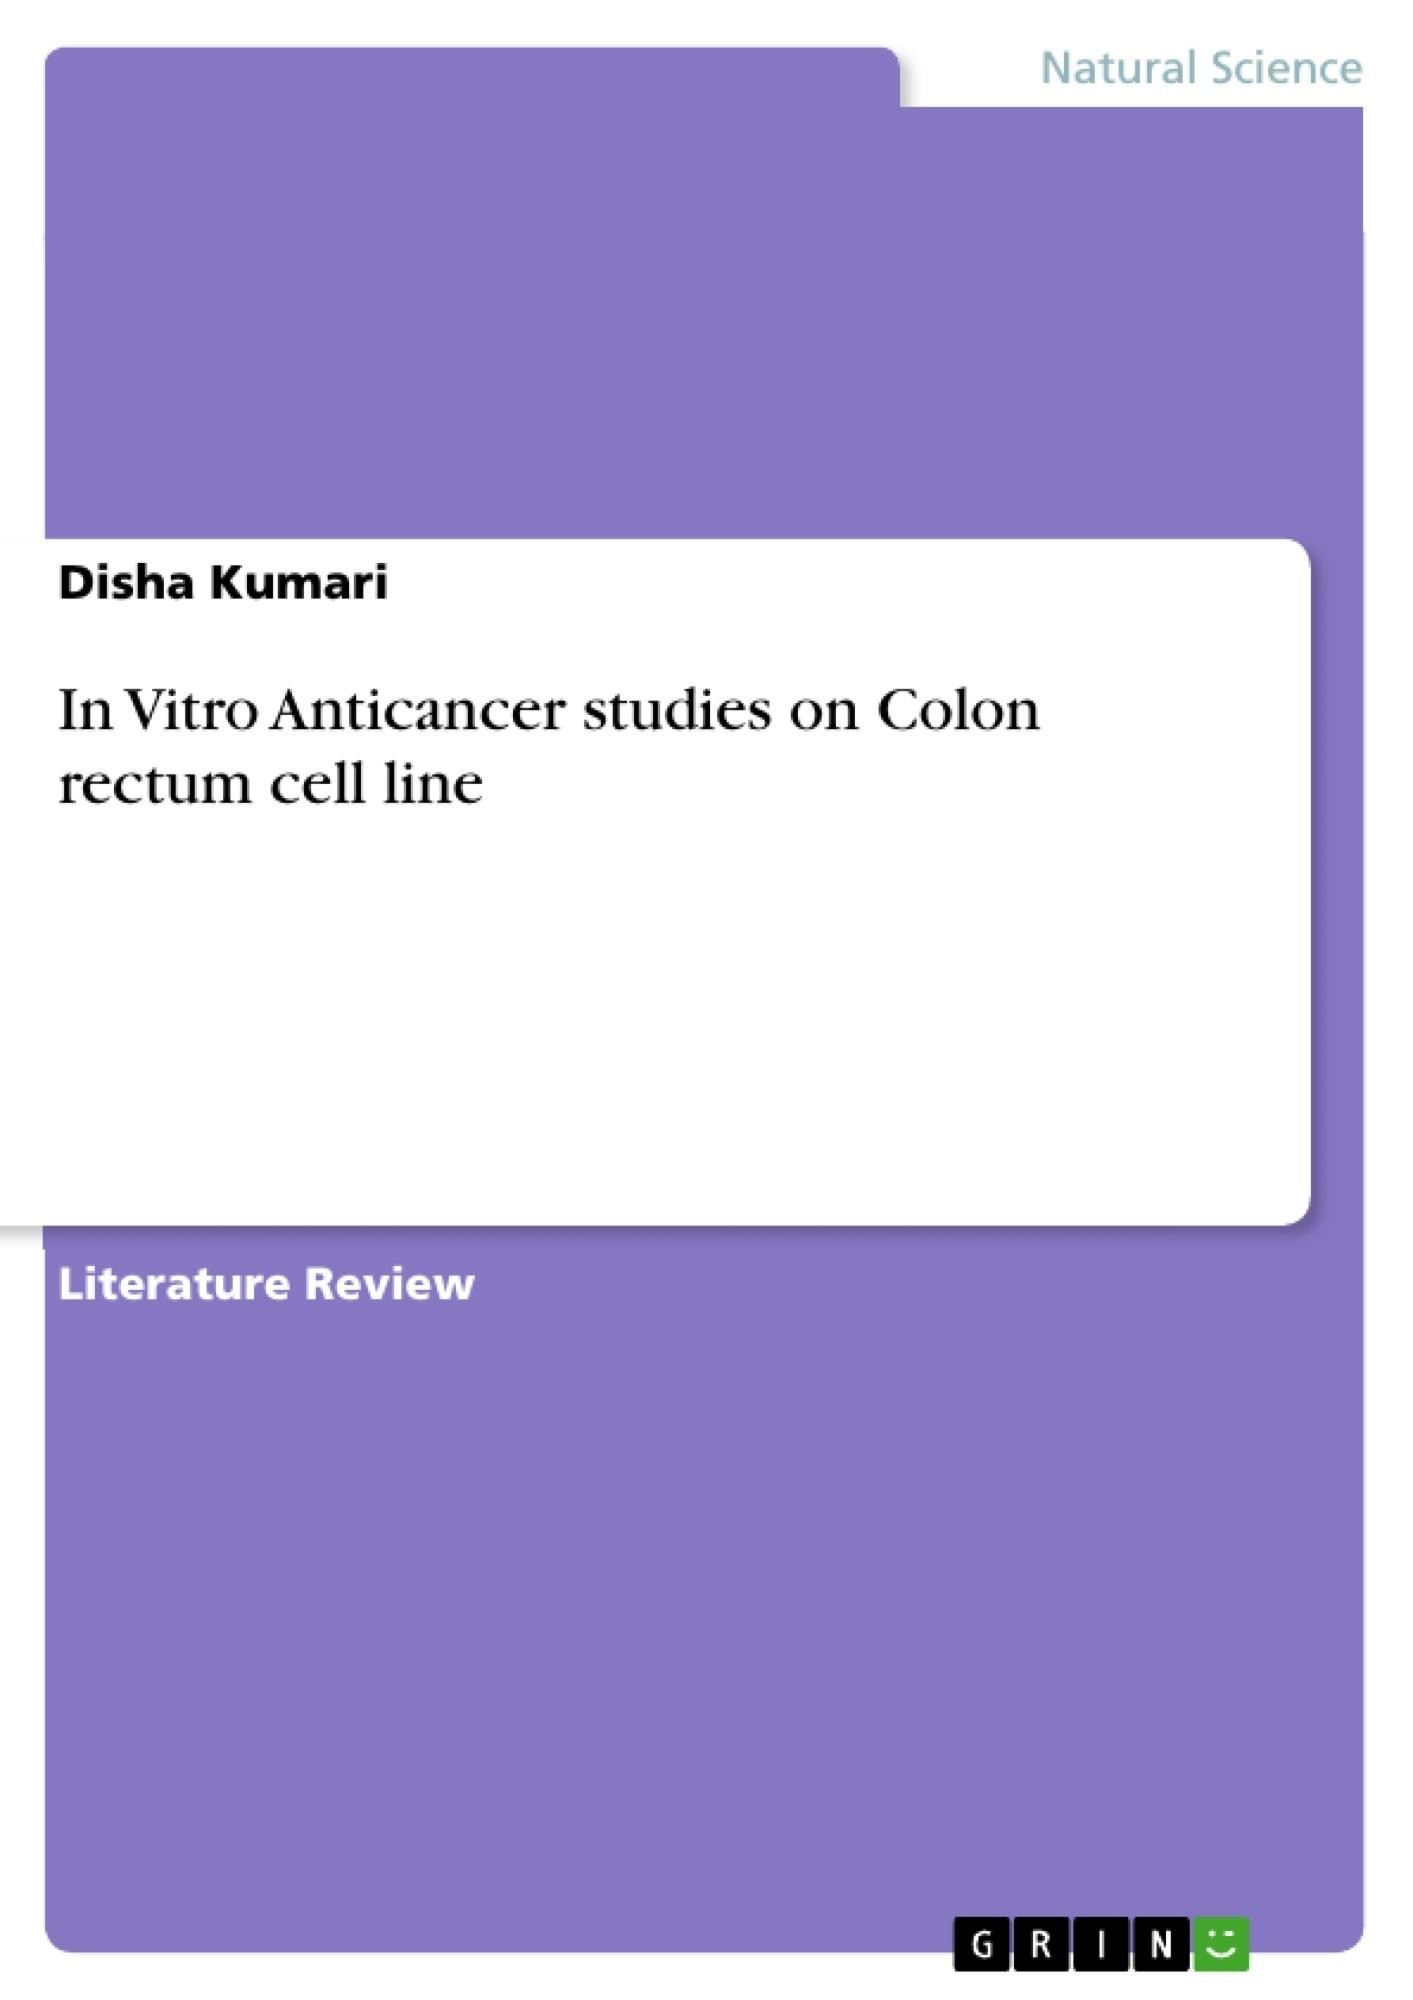 Title: In Vitro Anticancer studies on Colon rectum cell line